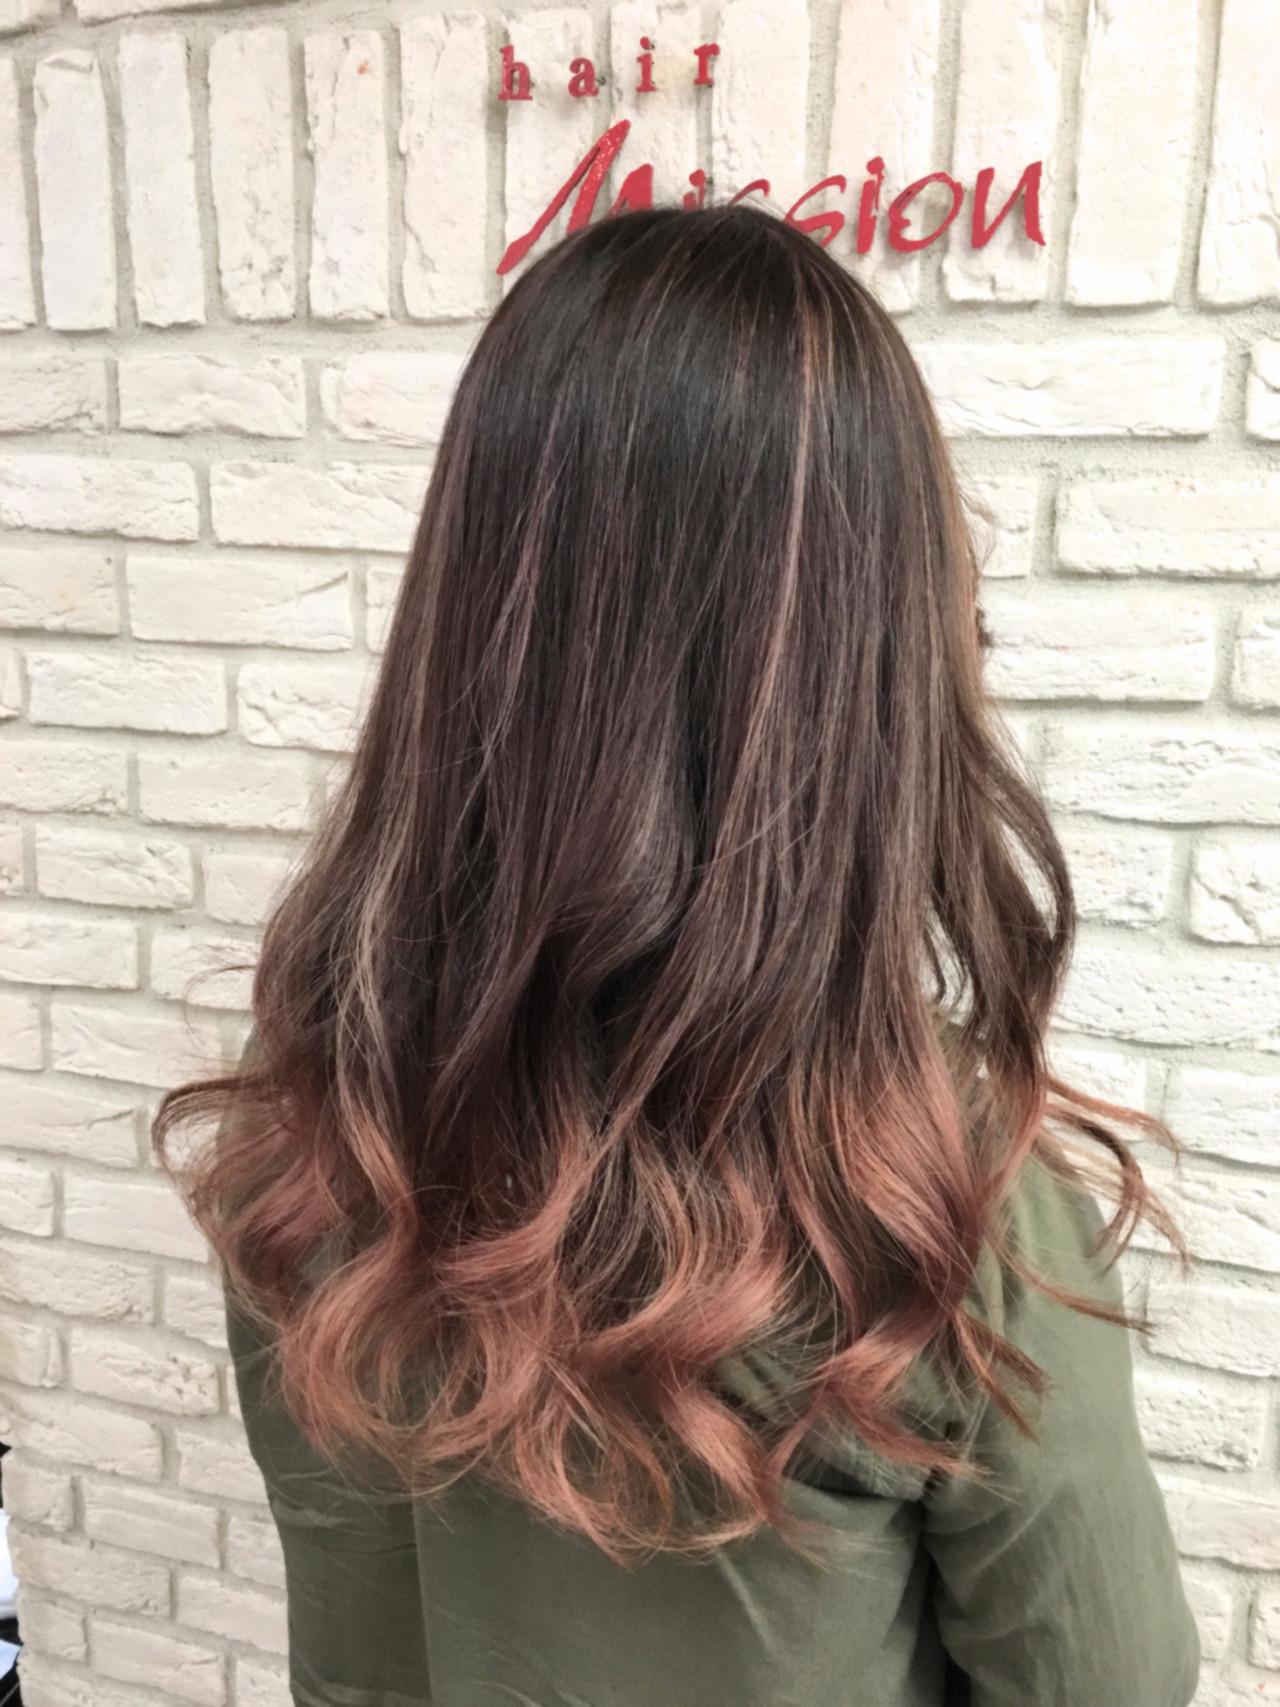 ハイライト 外国人風 ピンク グレージュヘアスタイルや髪型の写真・画像